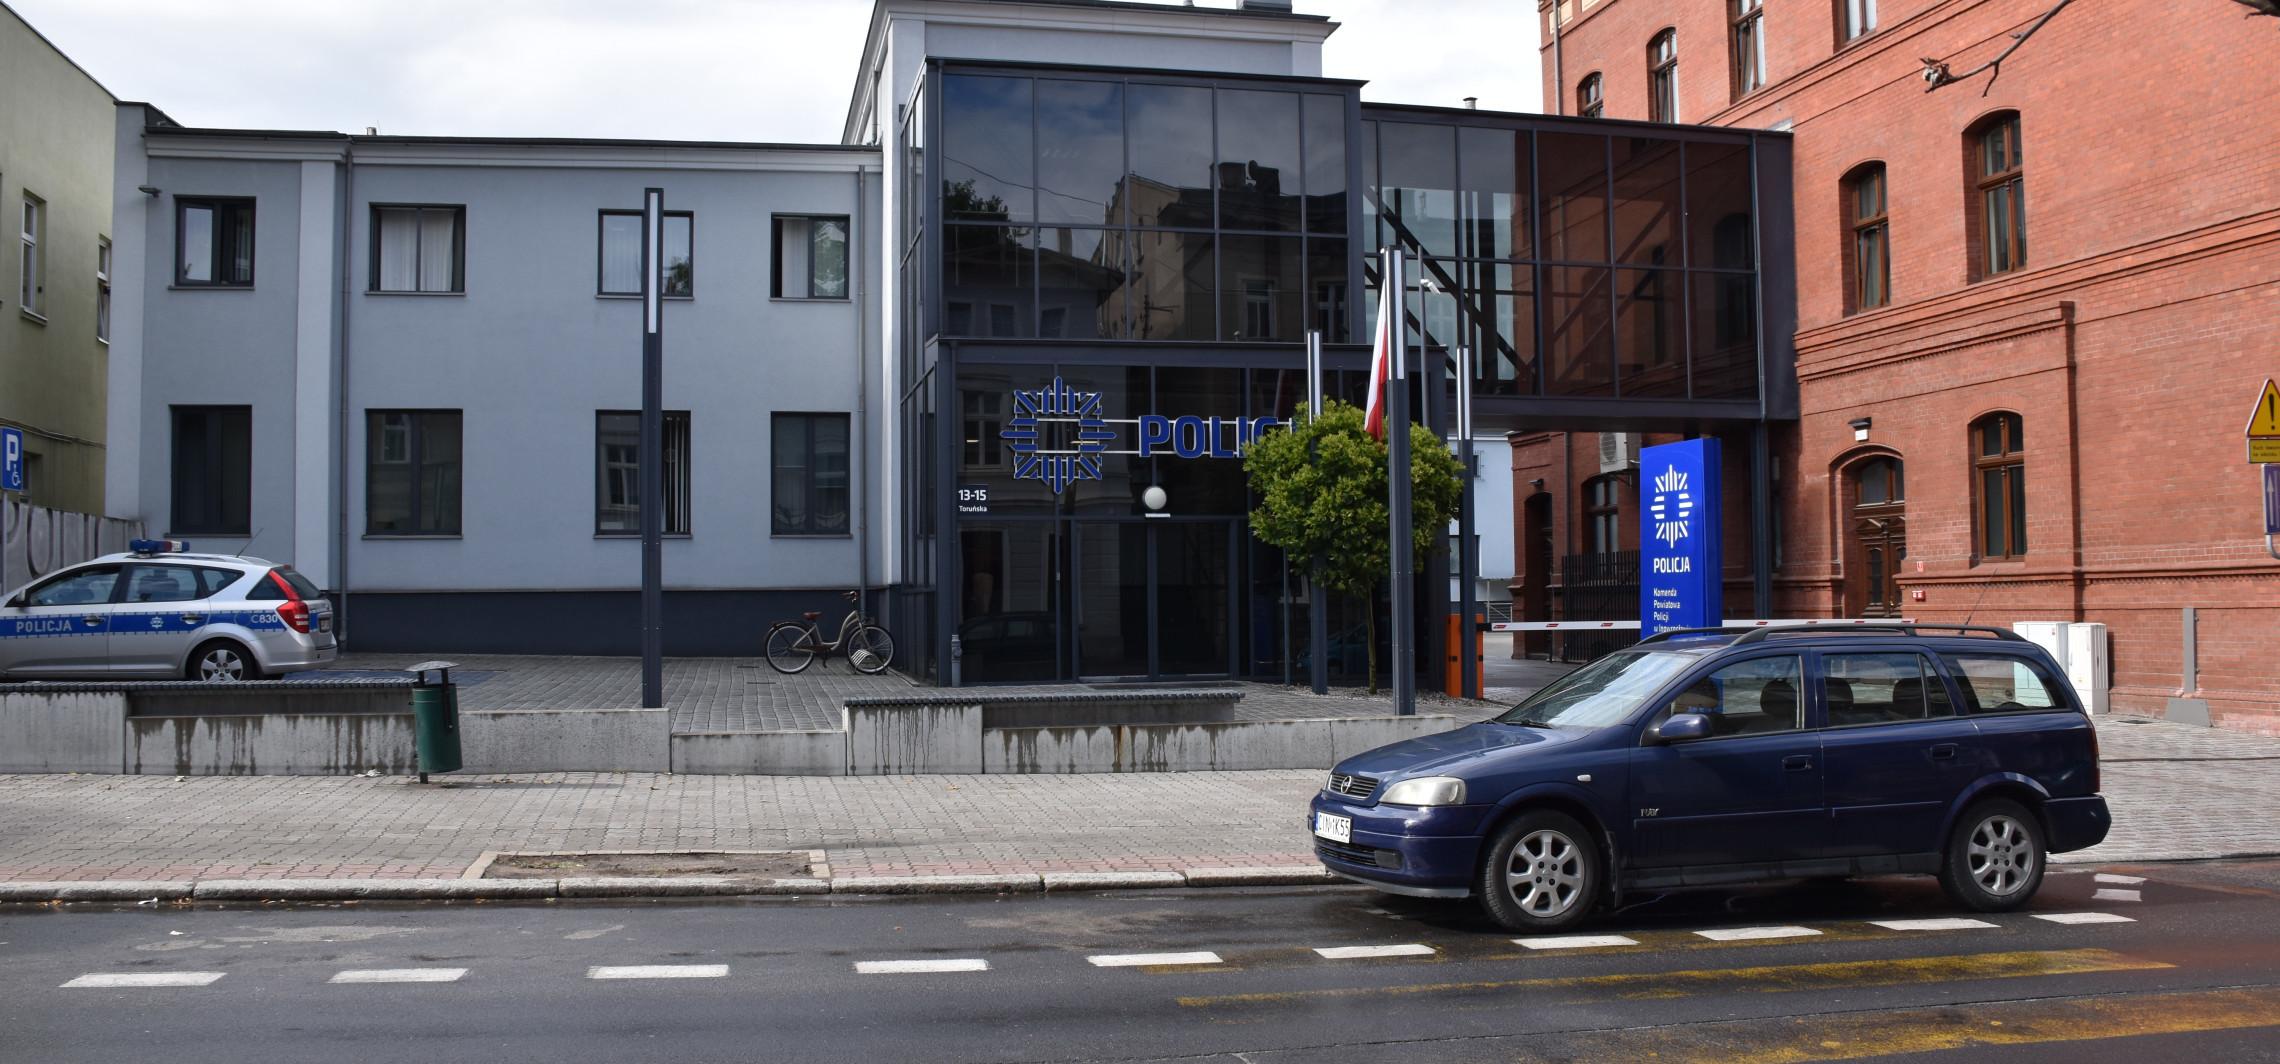 Inowrocław - Policja wstrząśnięta samobójstwem policjanta